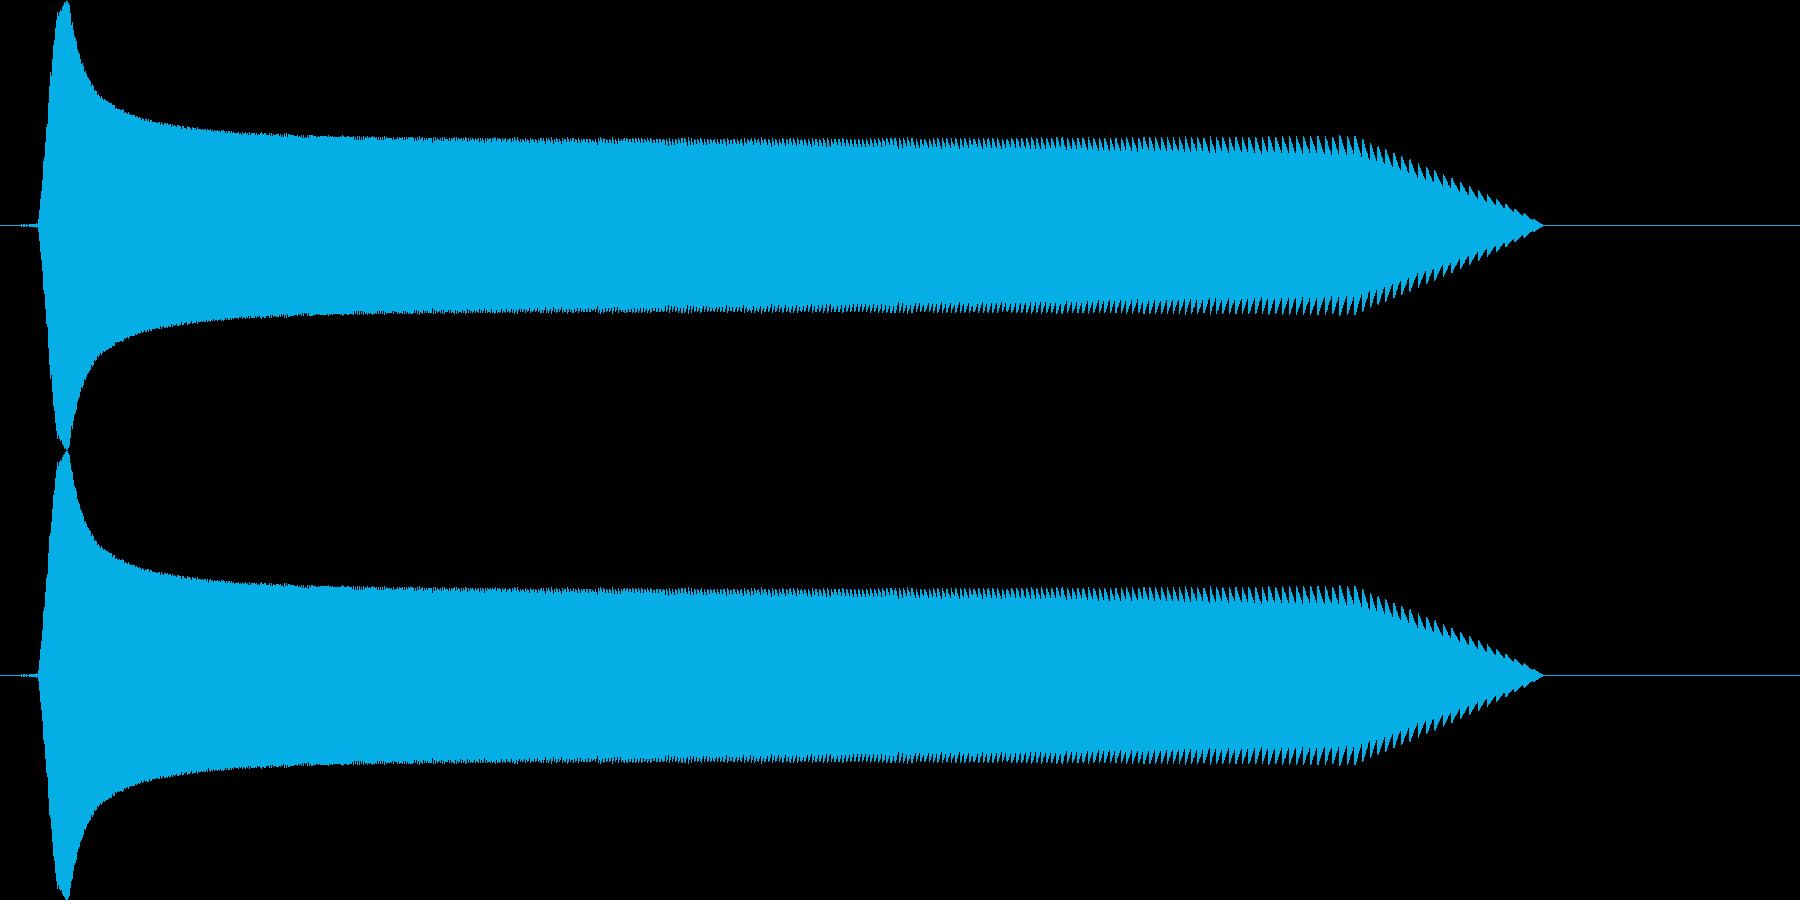 レトロゲームの効果音。下降の再生済みの波形